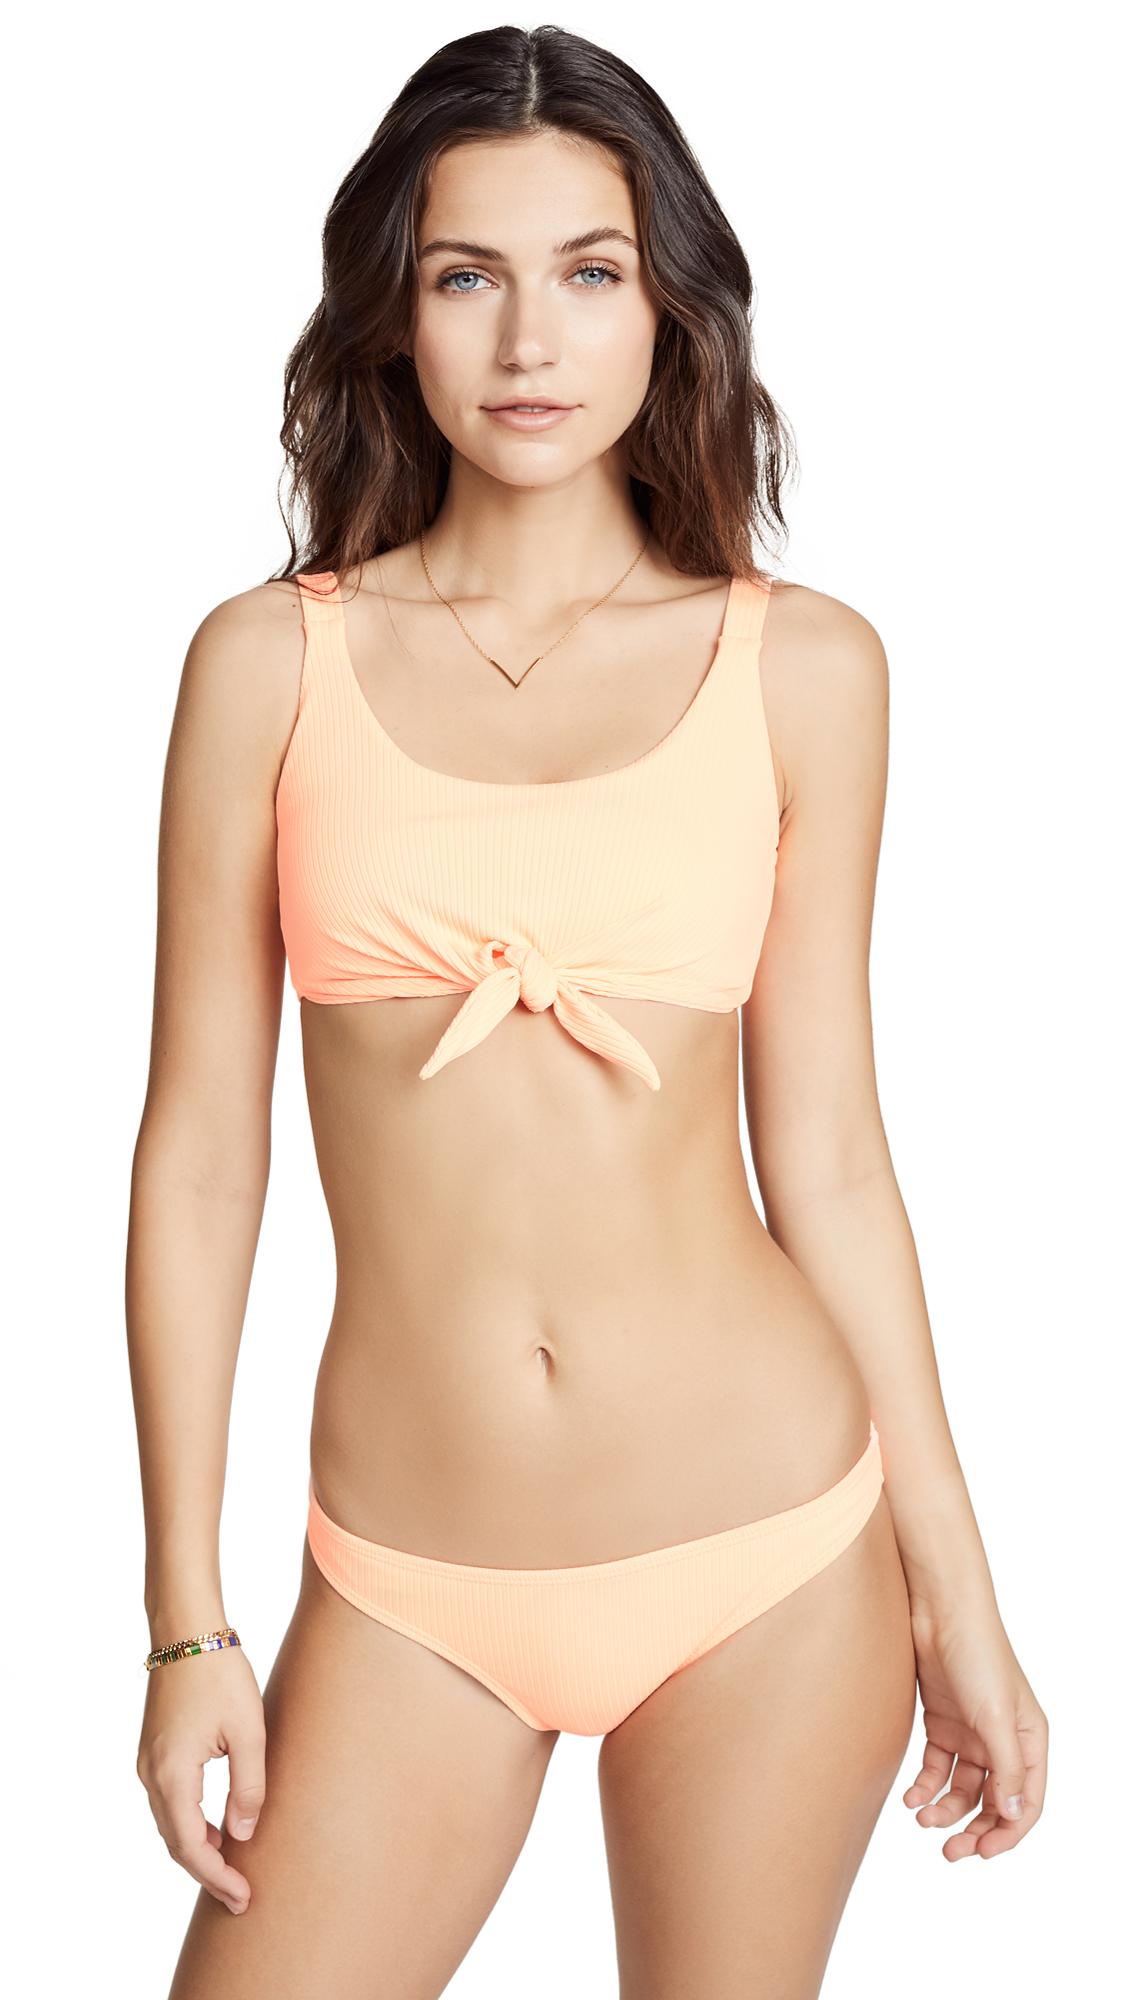 PilyQ Bellini Knot Bikini Top In Bellini